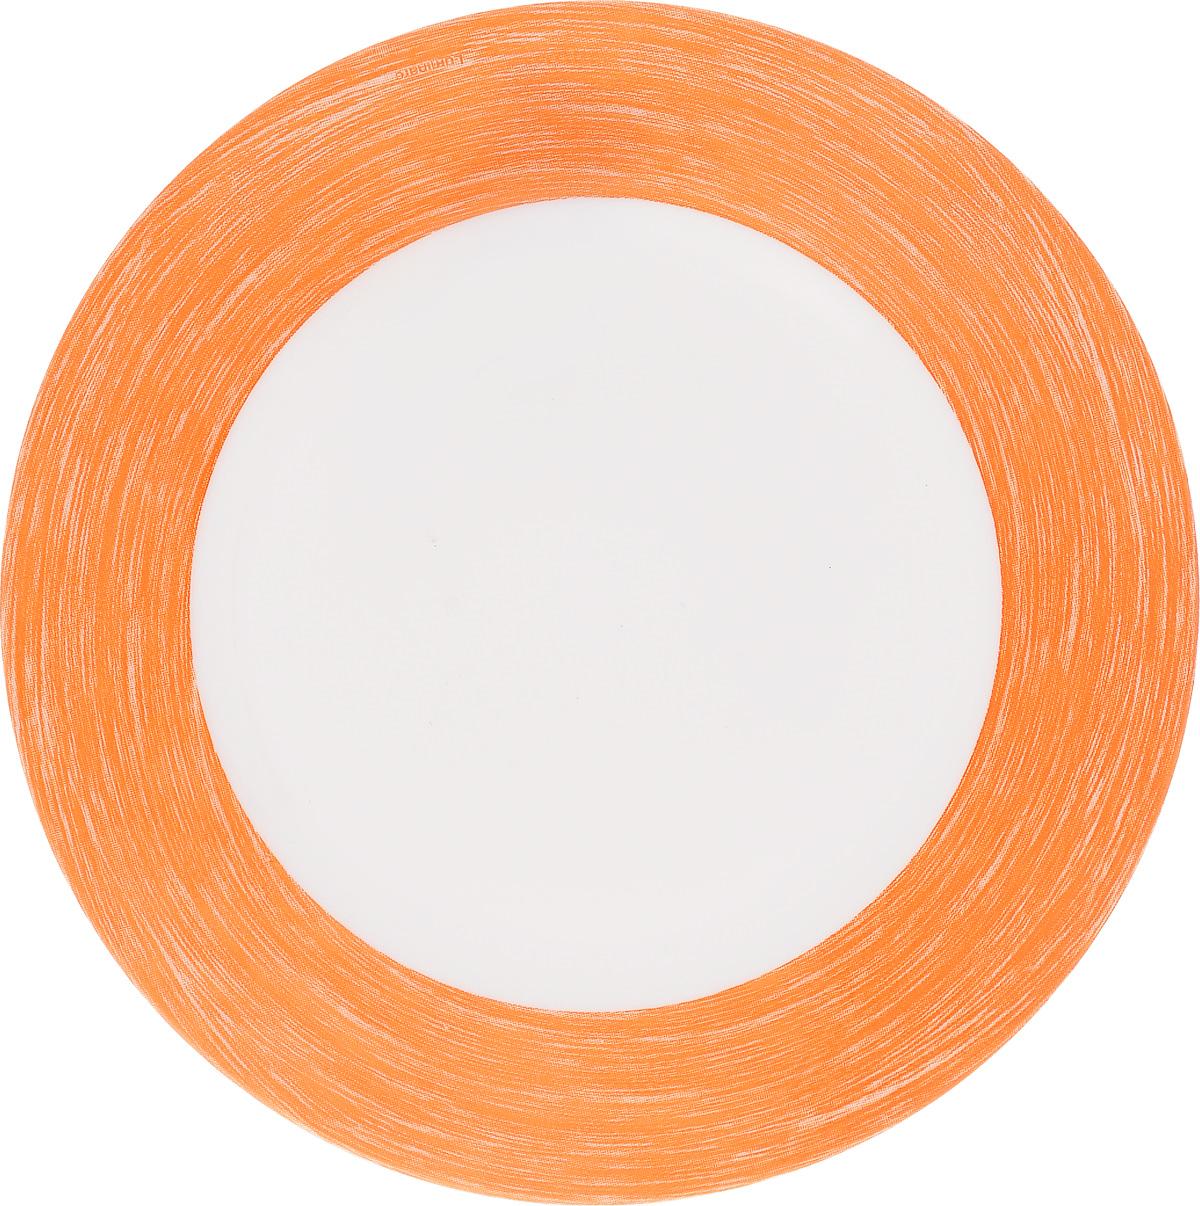 Тарелка десертная Luminarc Color Days Orange, диаметр 19 смL1514Десертная тарелка Luminarc Color Days Orange, изготовленная из ударопрочного стекла, имеет изысканный внешний вид. Такая тарелка прекрасно подходит как для торжественных случаев, так и для повседневного использования. Идеальна для подачи десертов, пирожных, тортов и многого другого. Она прекрасно оформит стол и станет отличным дополнением к вашей коллекции кухонной посуды. Диаметр тарелки (по верхнему краю): 19 см.